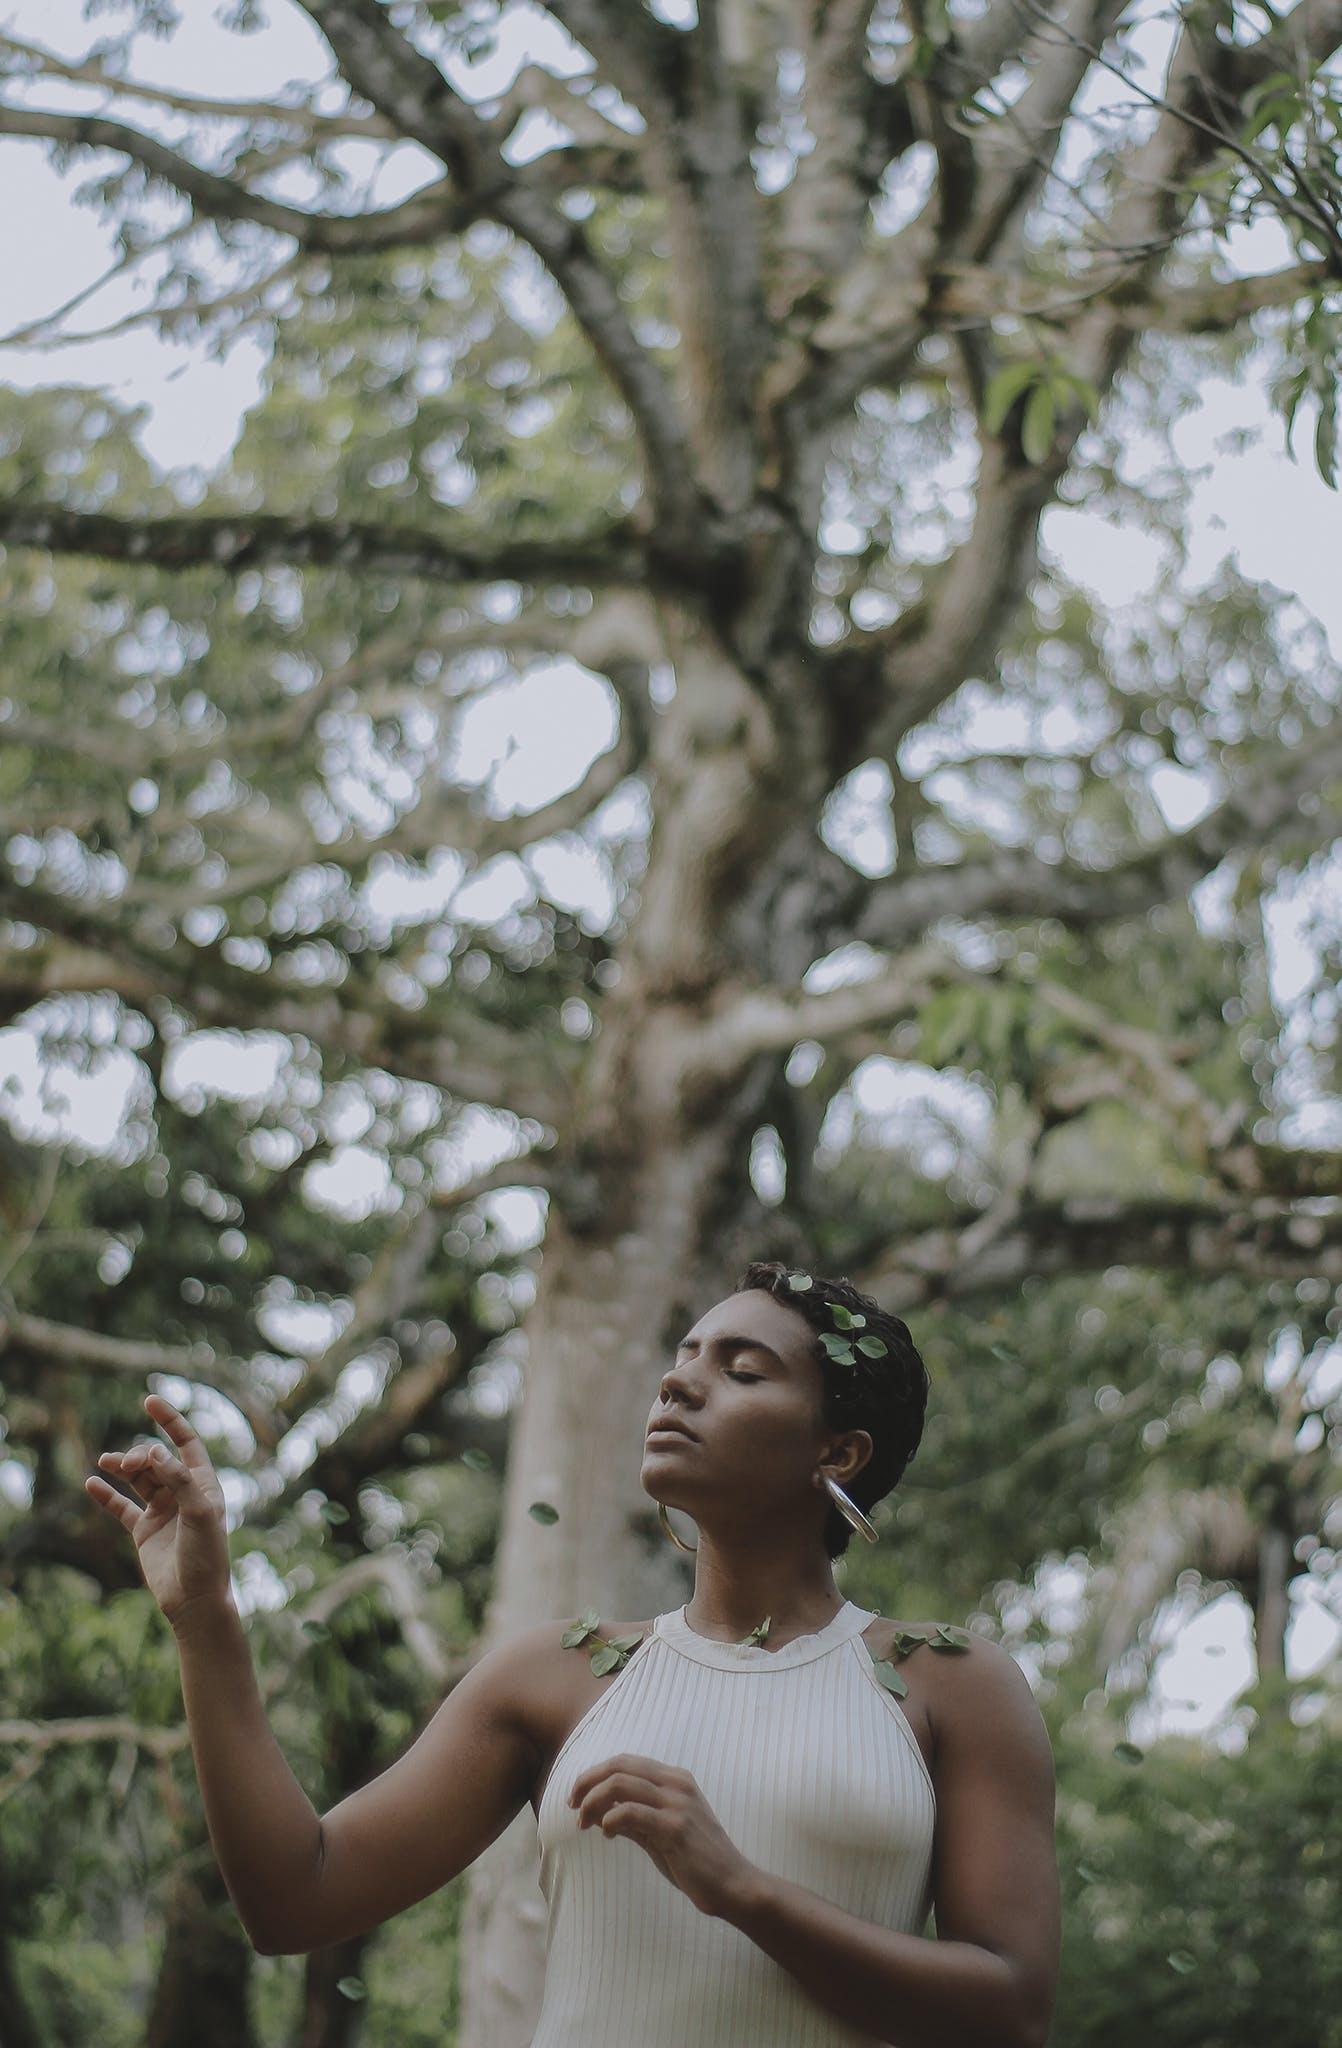 Kostenloses Stock Foto zu bäume, brasilien, erwachsener, fotoshooting